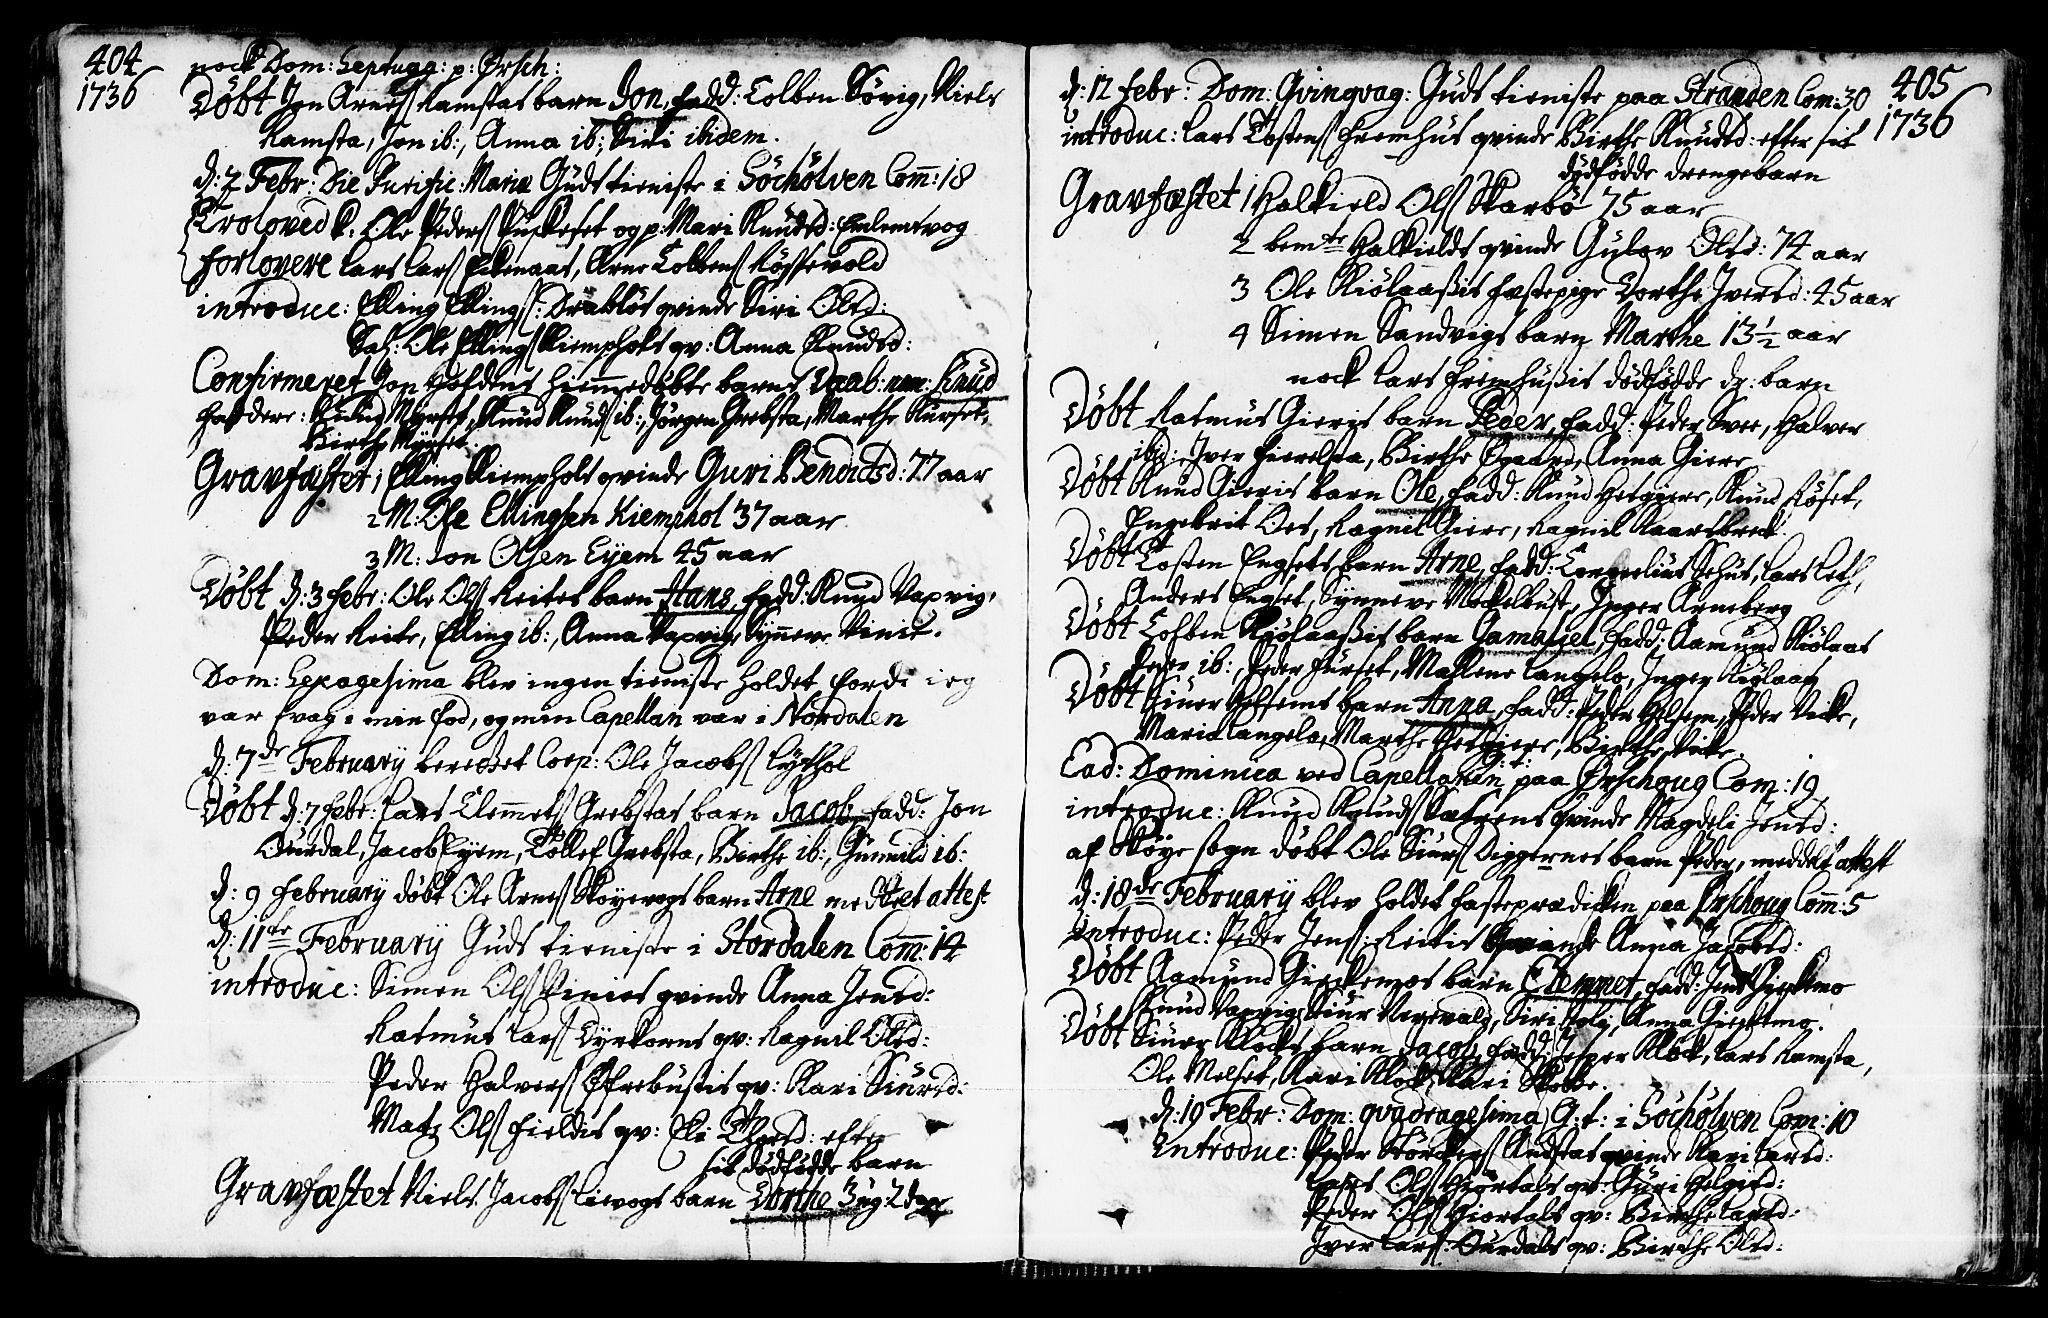 SAT, Ministerialprotokoller, klokkerbøker og fødselsregistre - Møre og Romsdal, 522/L0306: Ministerialbok nr. 522A01, 1720-1743, s. 404-405